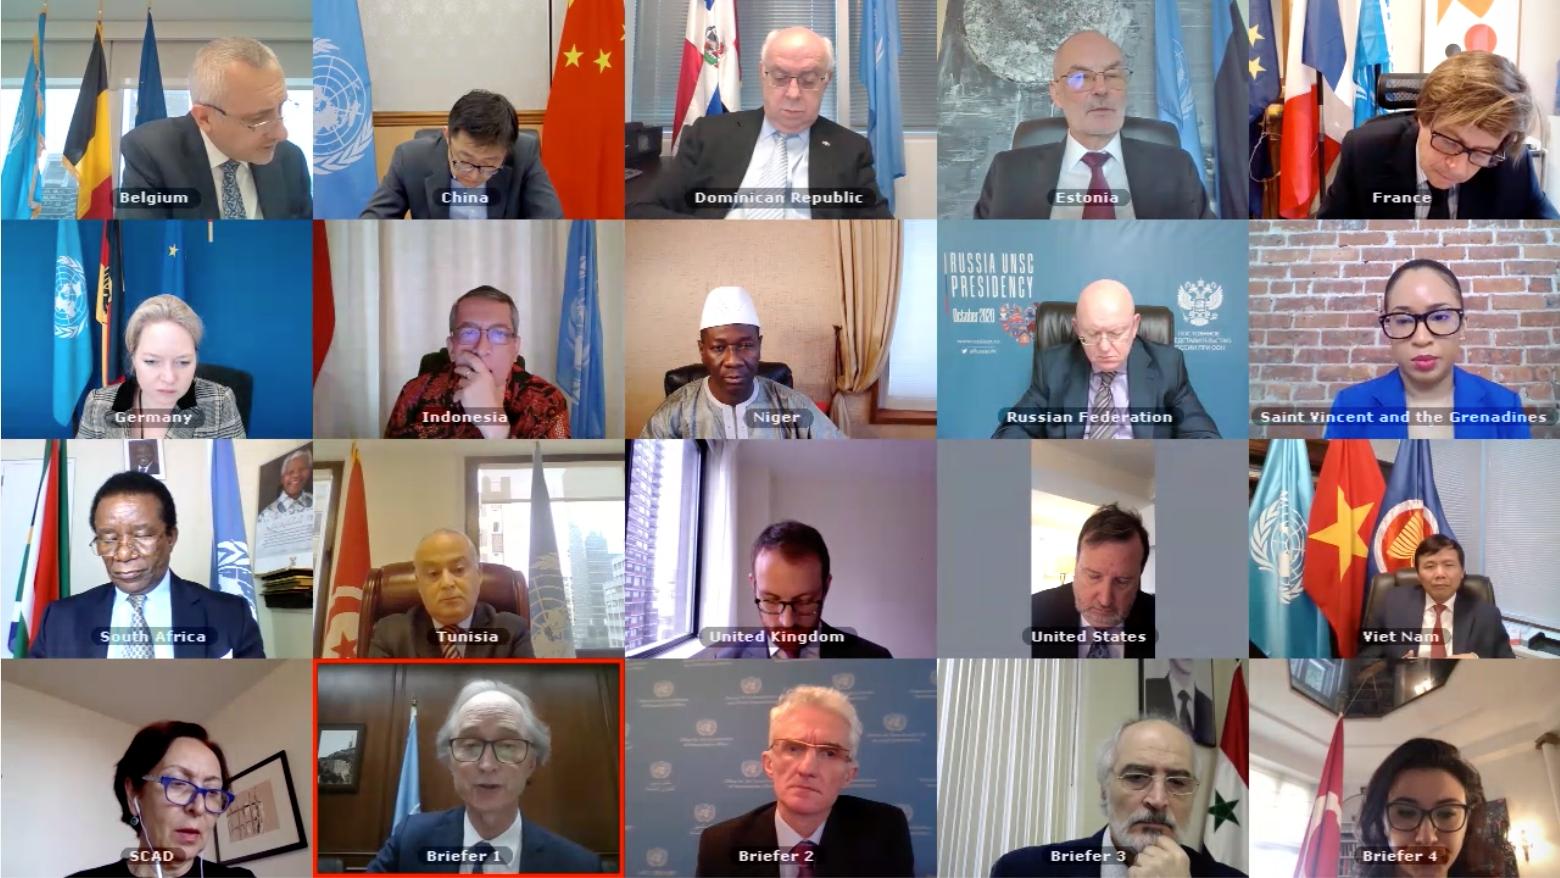 Hội đồng Bảo an thảo luận định kỳ về khủng hoảng chính trị và nhân đạo tại Syria